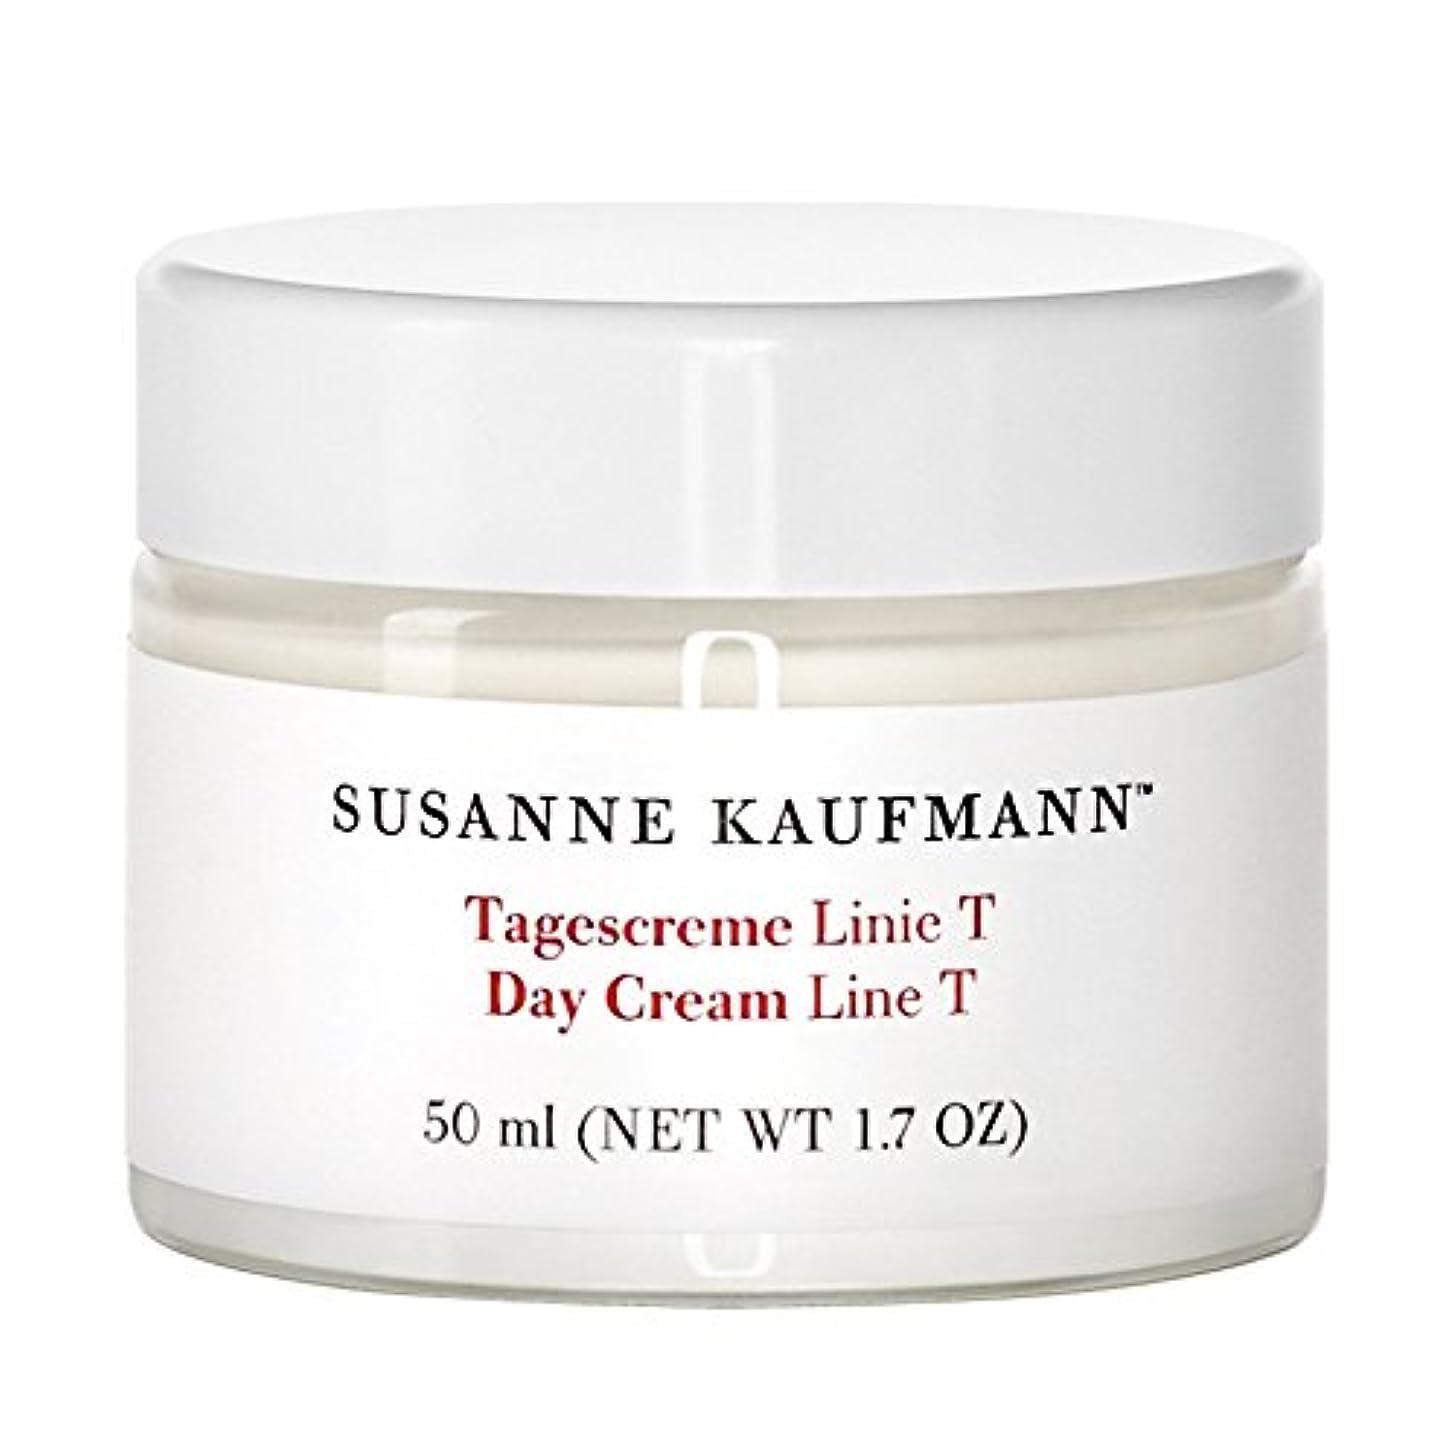 好奇心盛故意のバケットSusanne Kaufmann Day Cream Line T 50ml - スザンヌカウフマン日クリームライントンの50ミリリットル [並行輸入品]